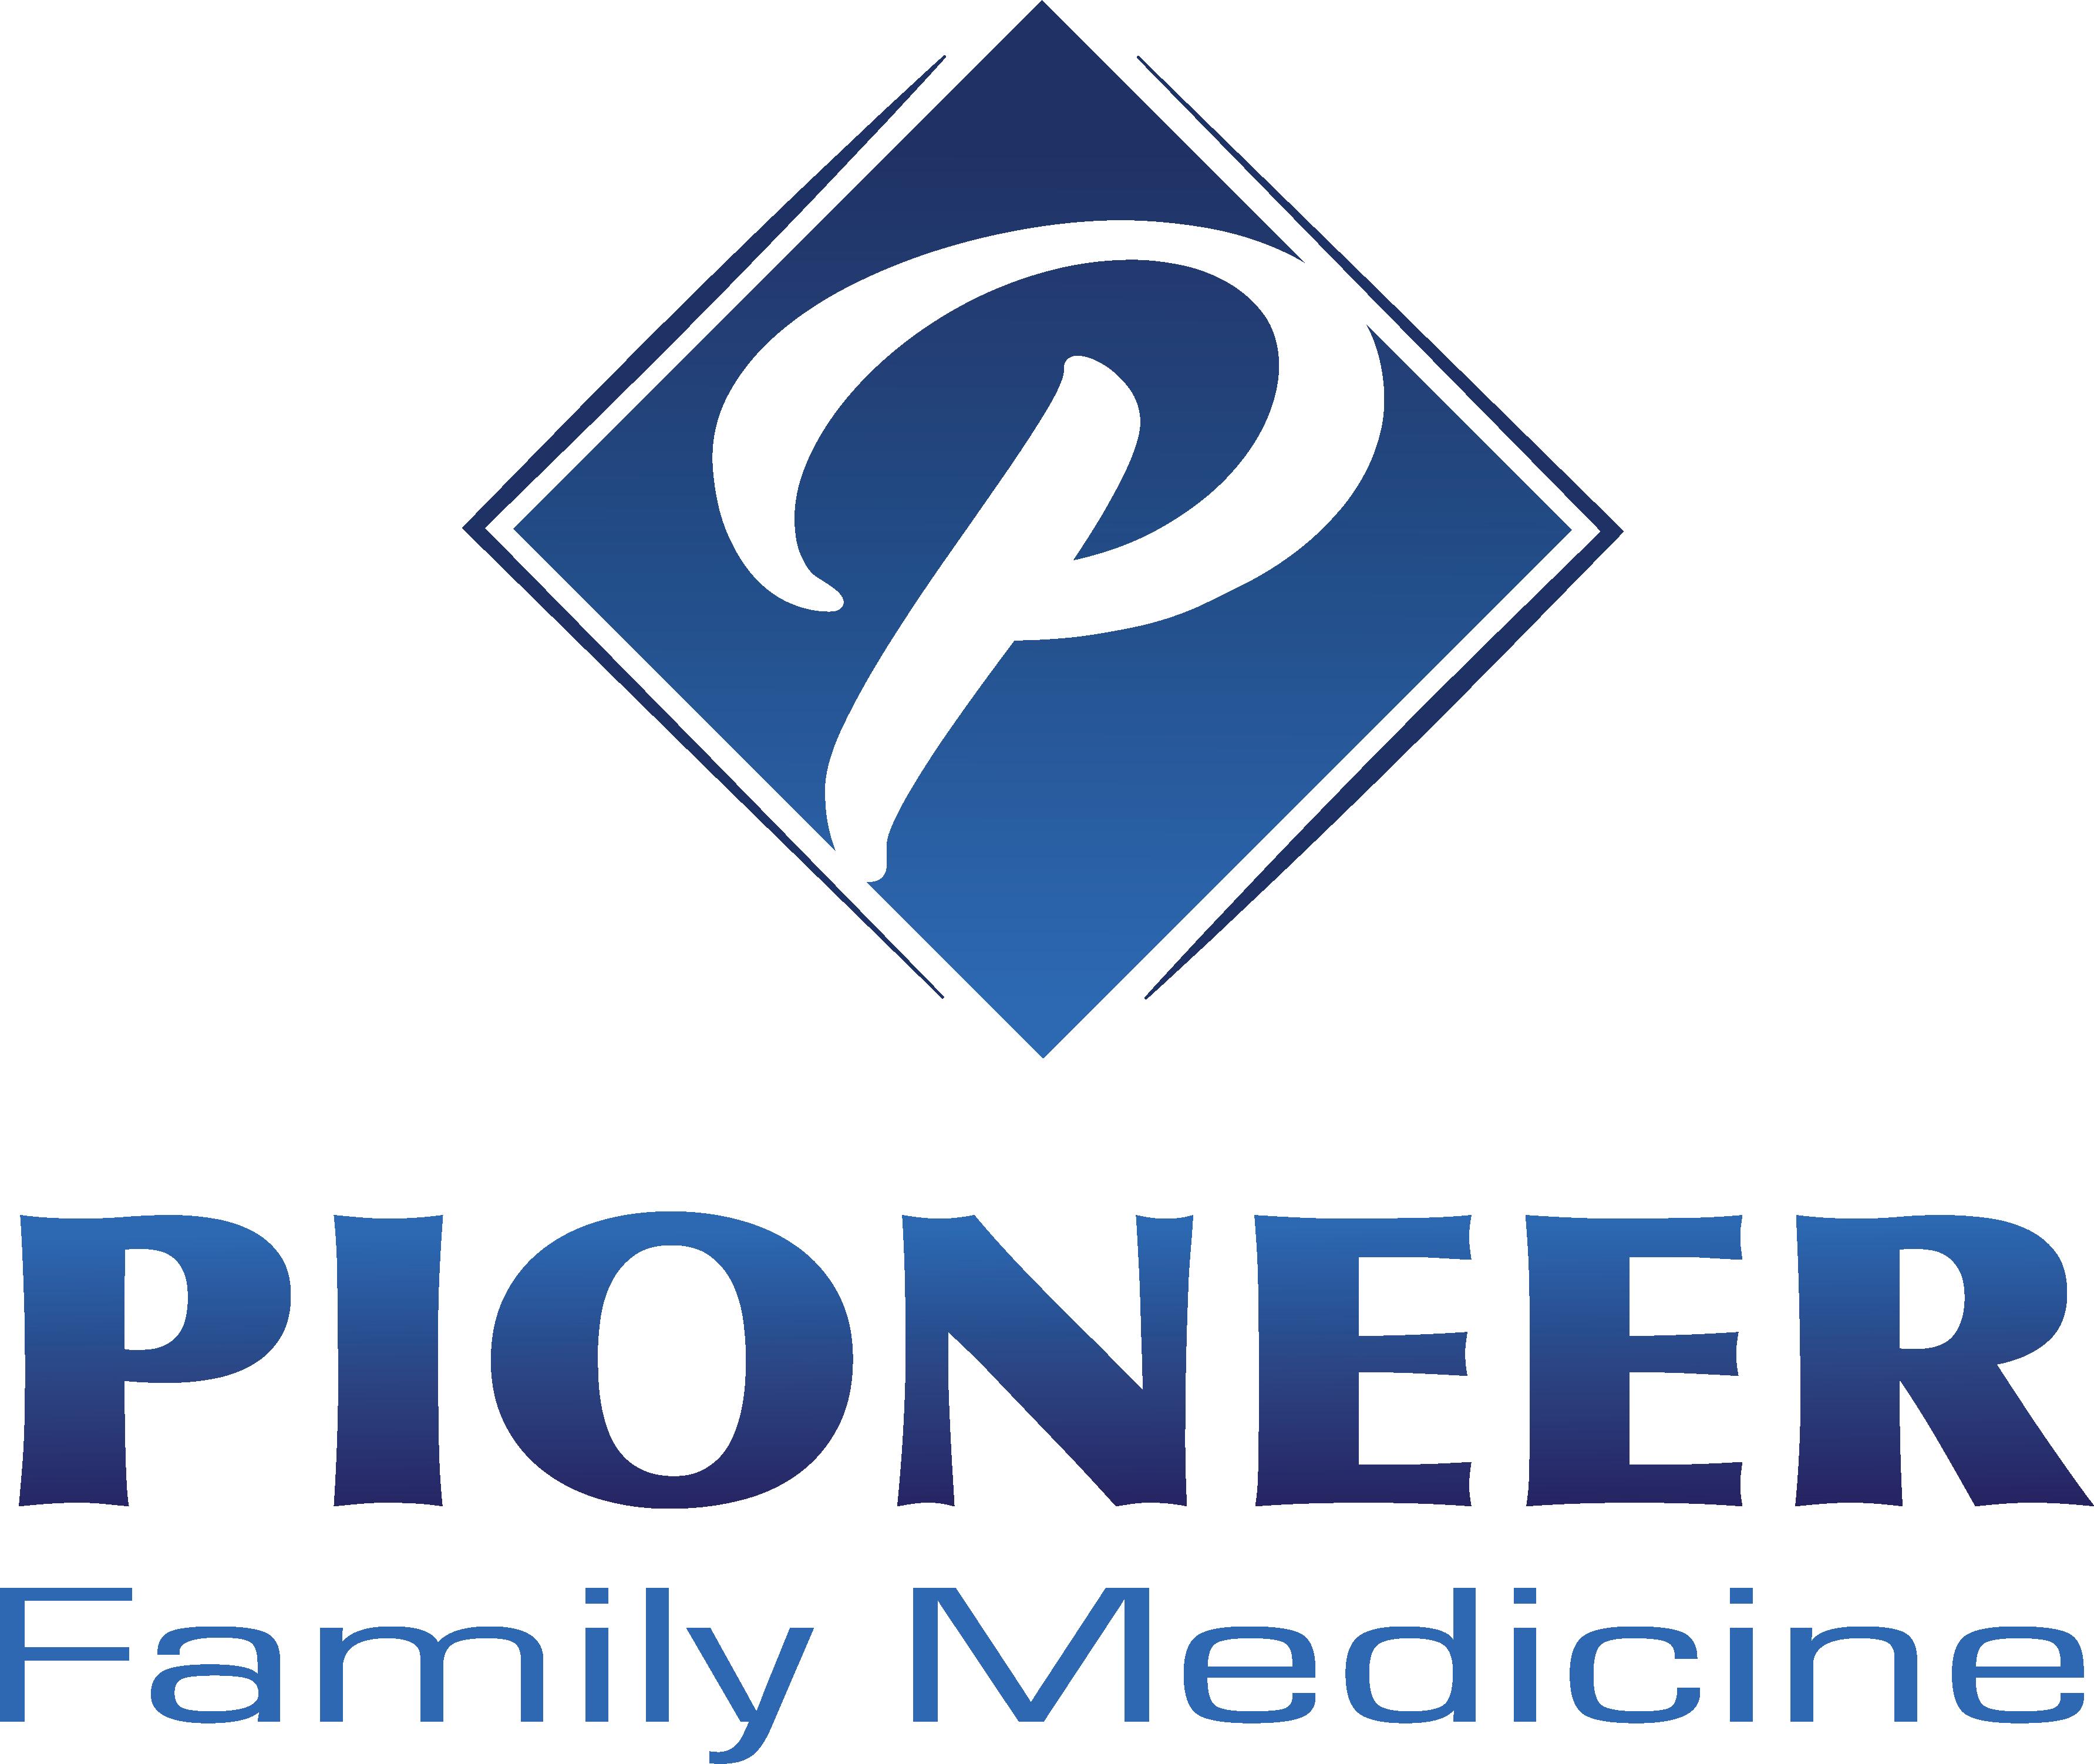 Pioneer Family Medicine